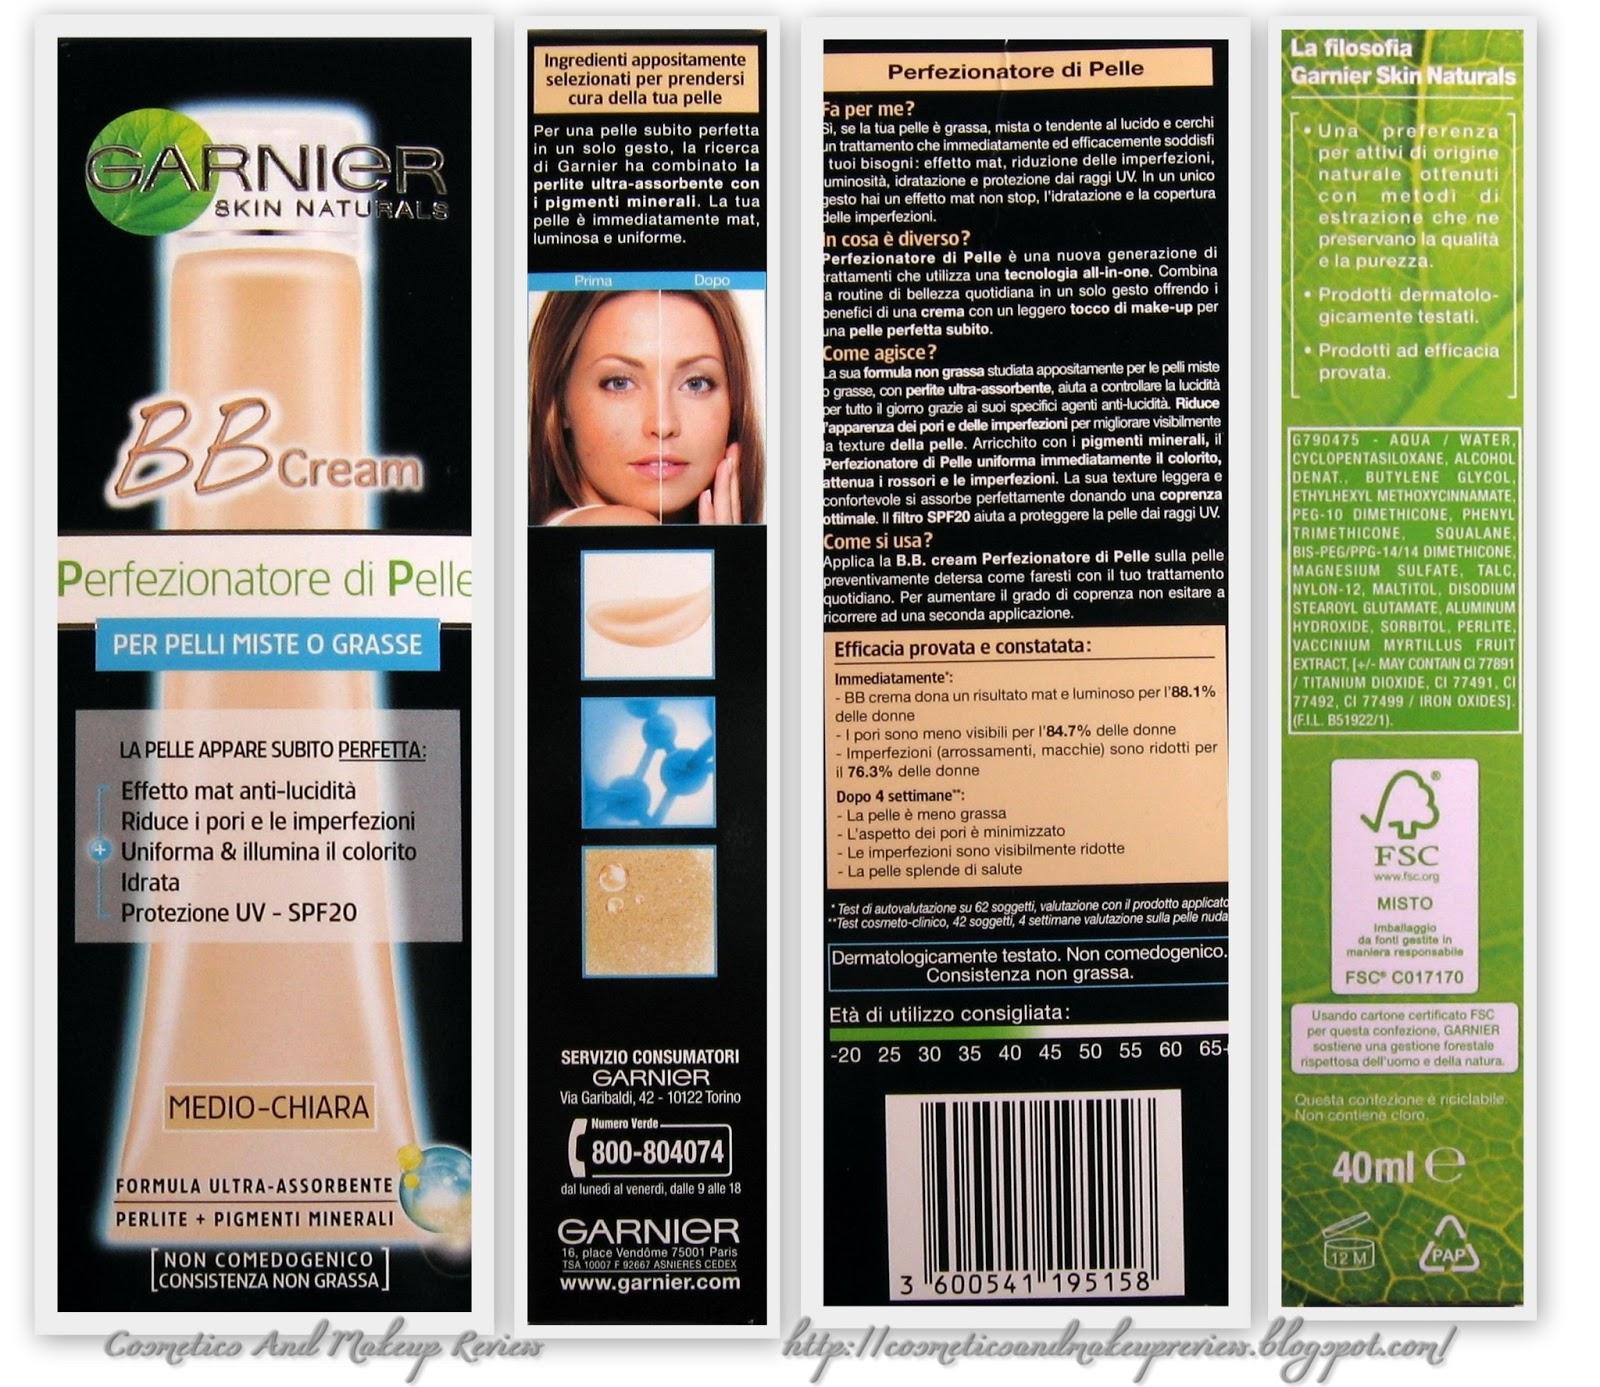 Garnier BB Cream - Perfezionatore di pelle per pelli miste o grasse - colorazione medio-chiara